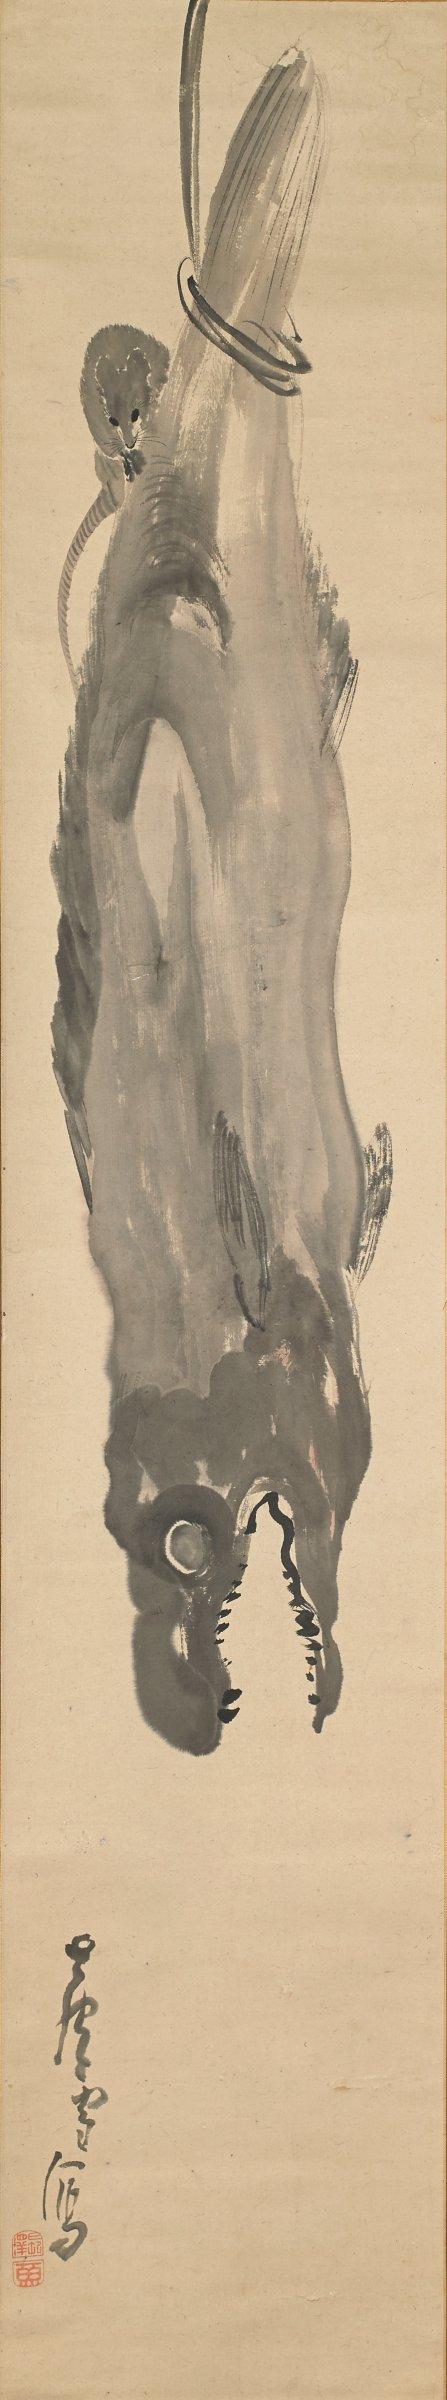 Rat on Hanging Dried Salmon, Nagasawa Rosetsu, ink on paper